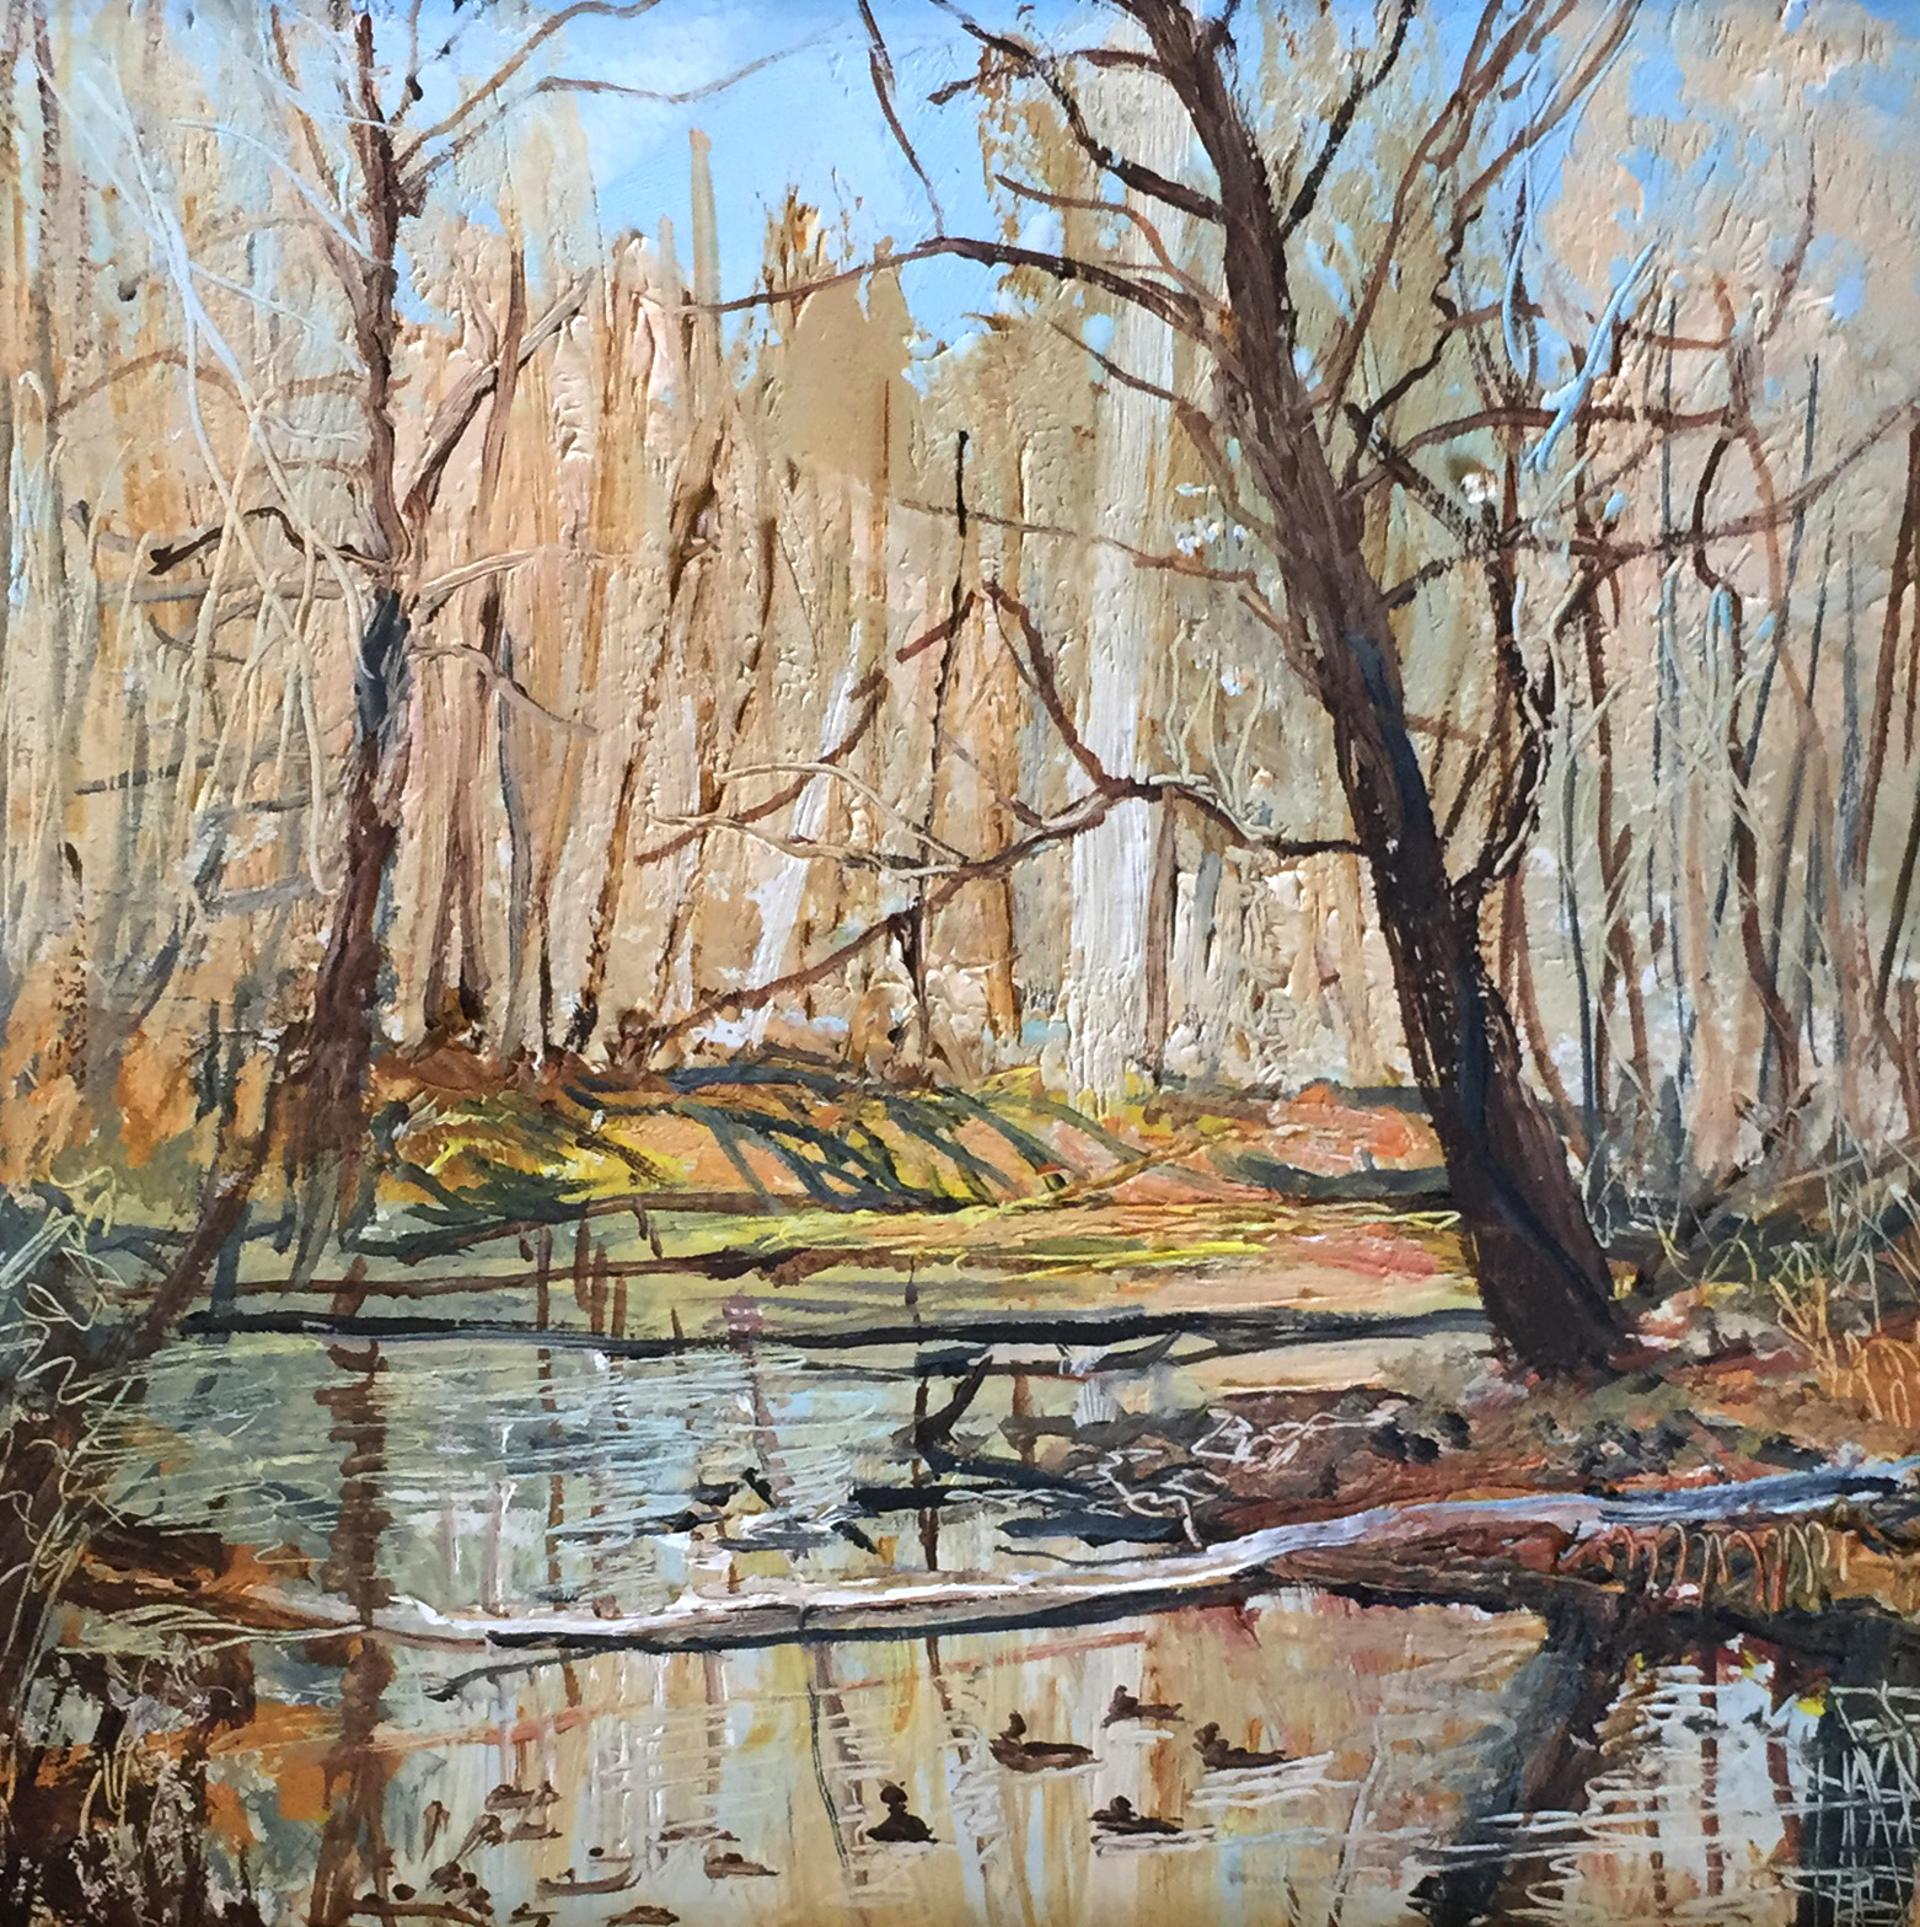 Winter Creek by Frank Baggett